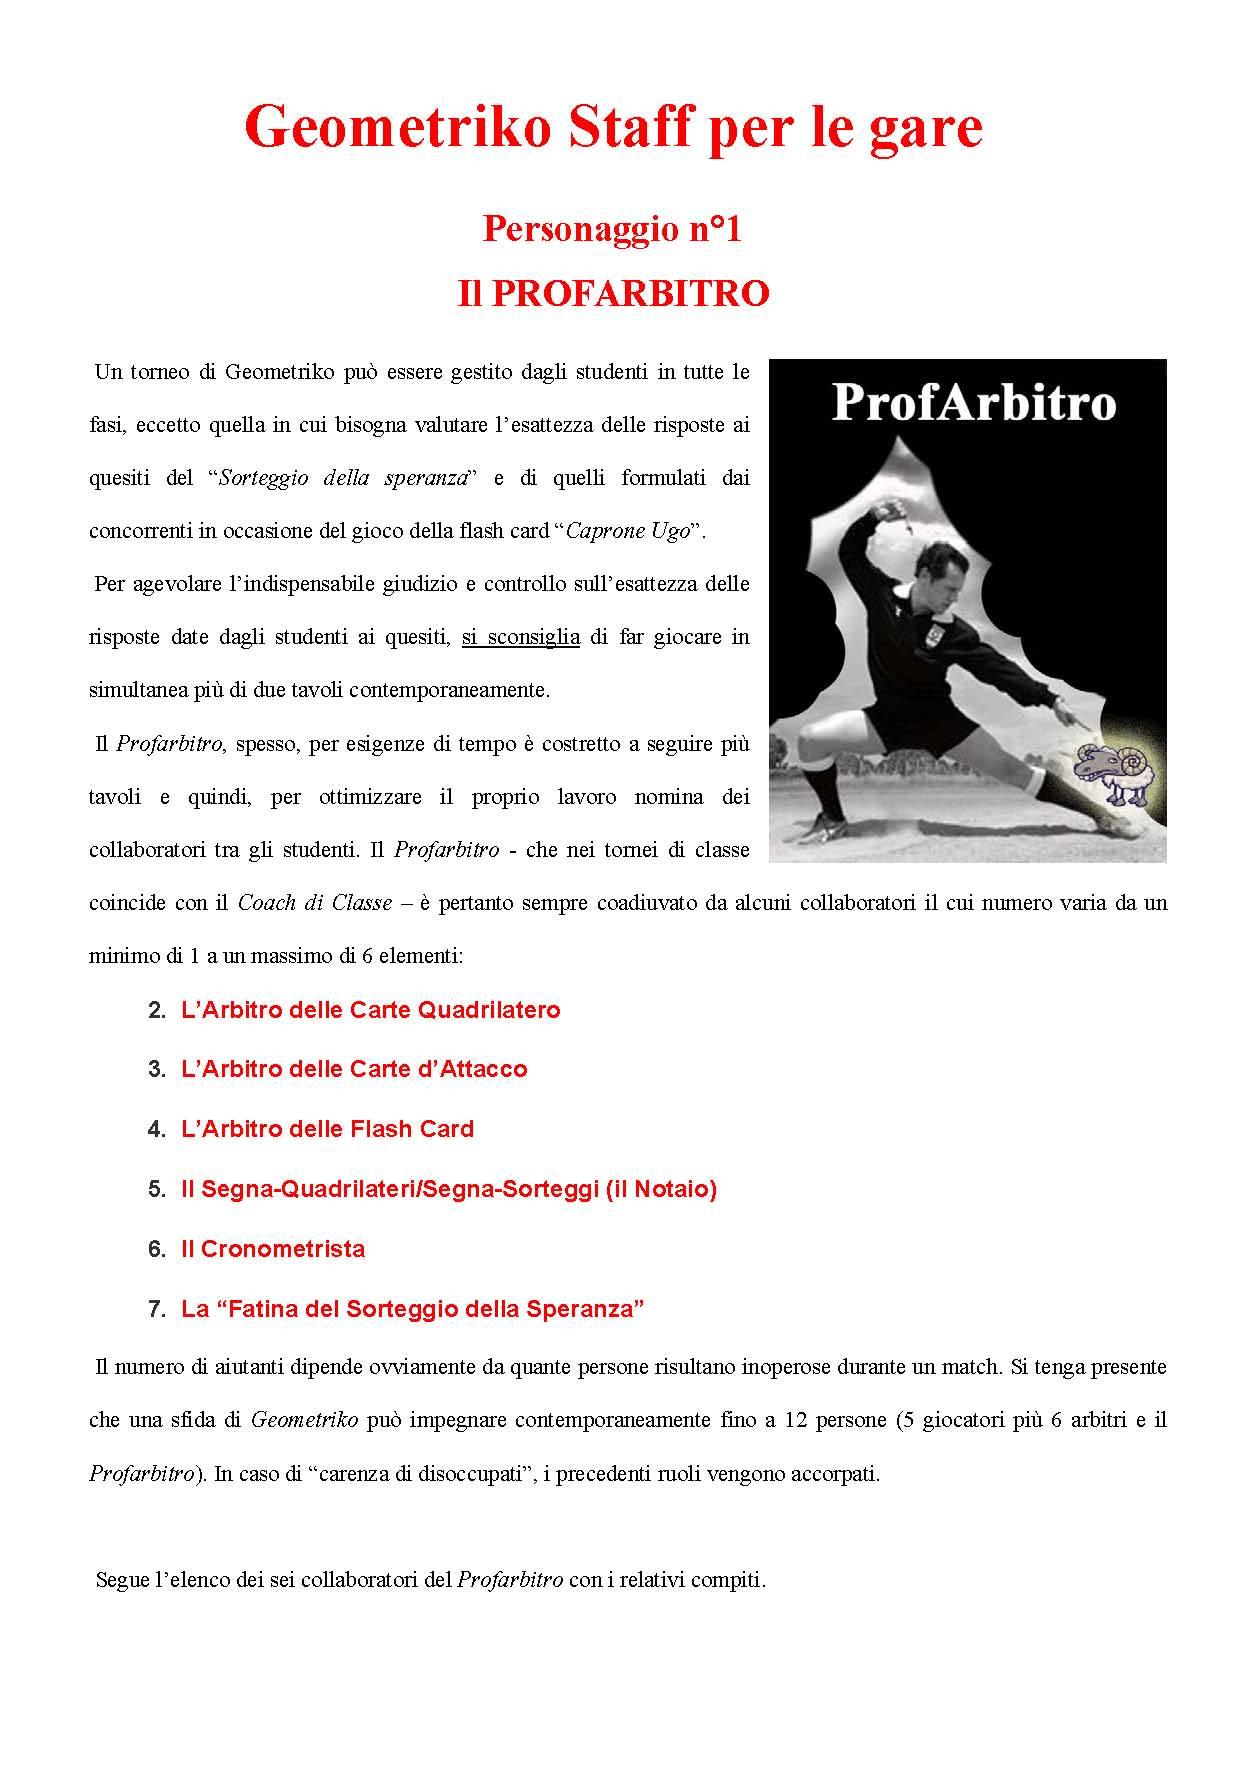 GEOMETRIKO / ProfArbitro